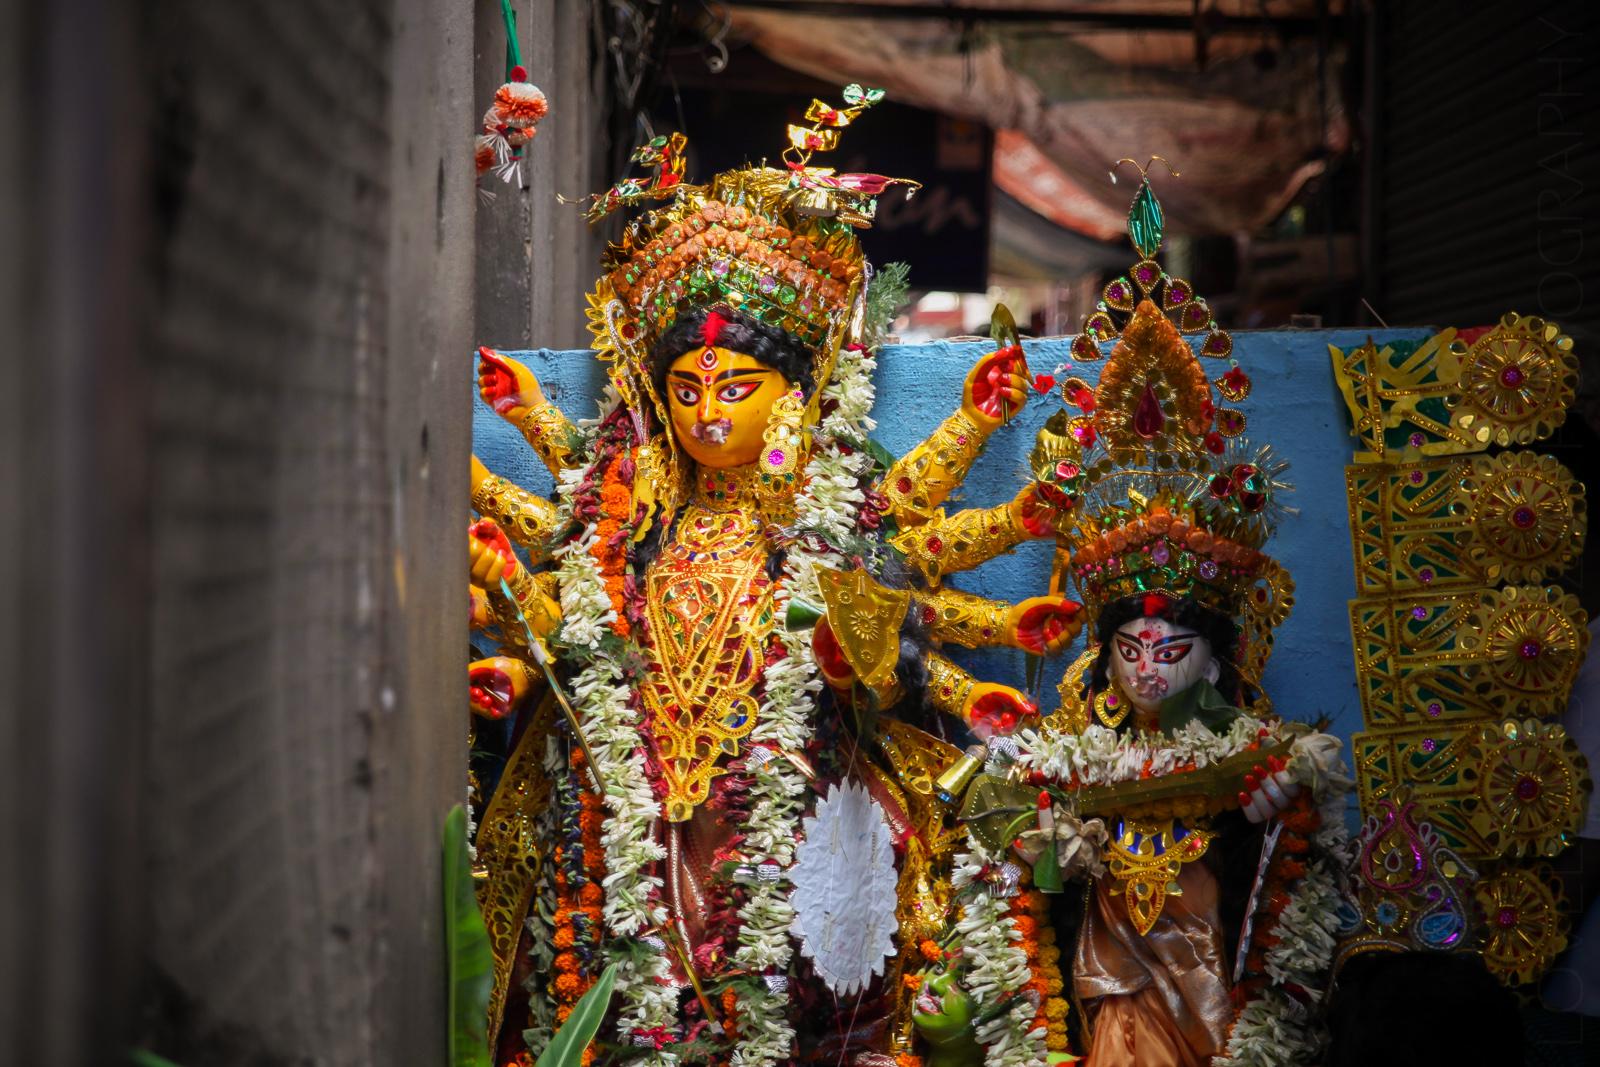 Farewell, Durga Maa